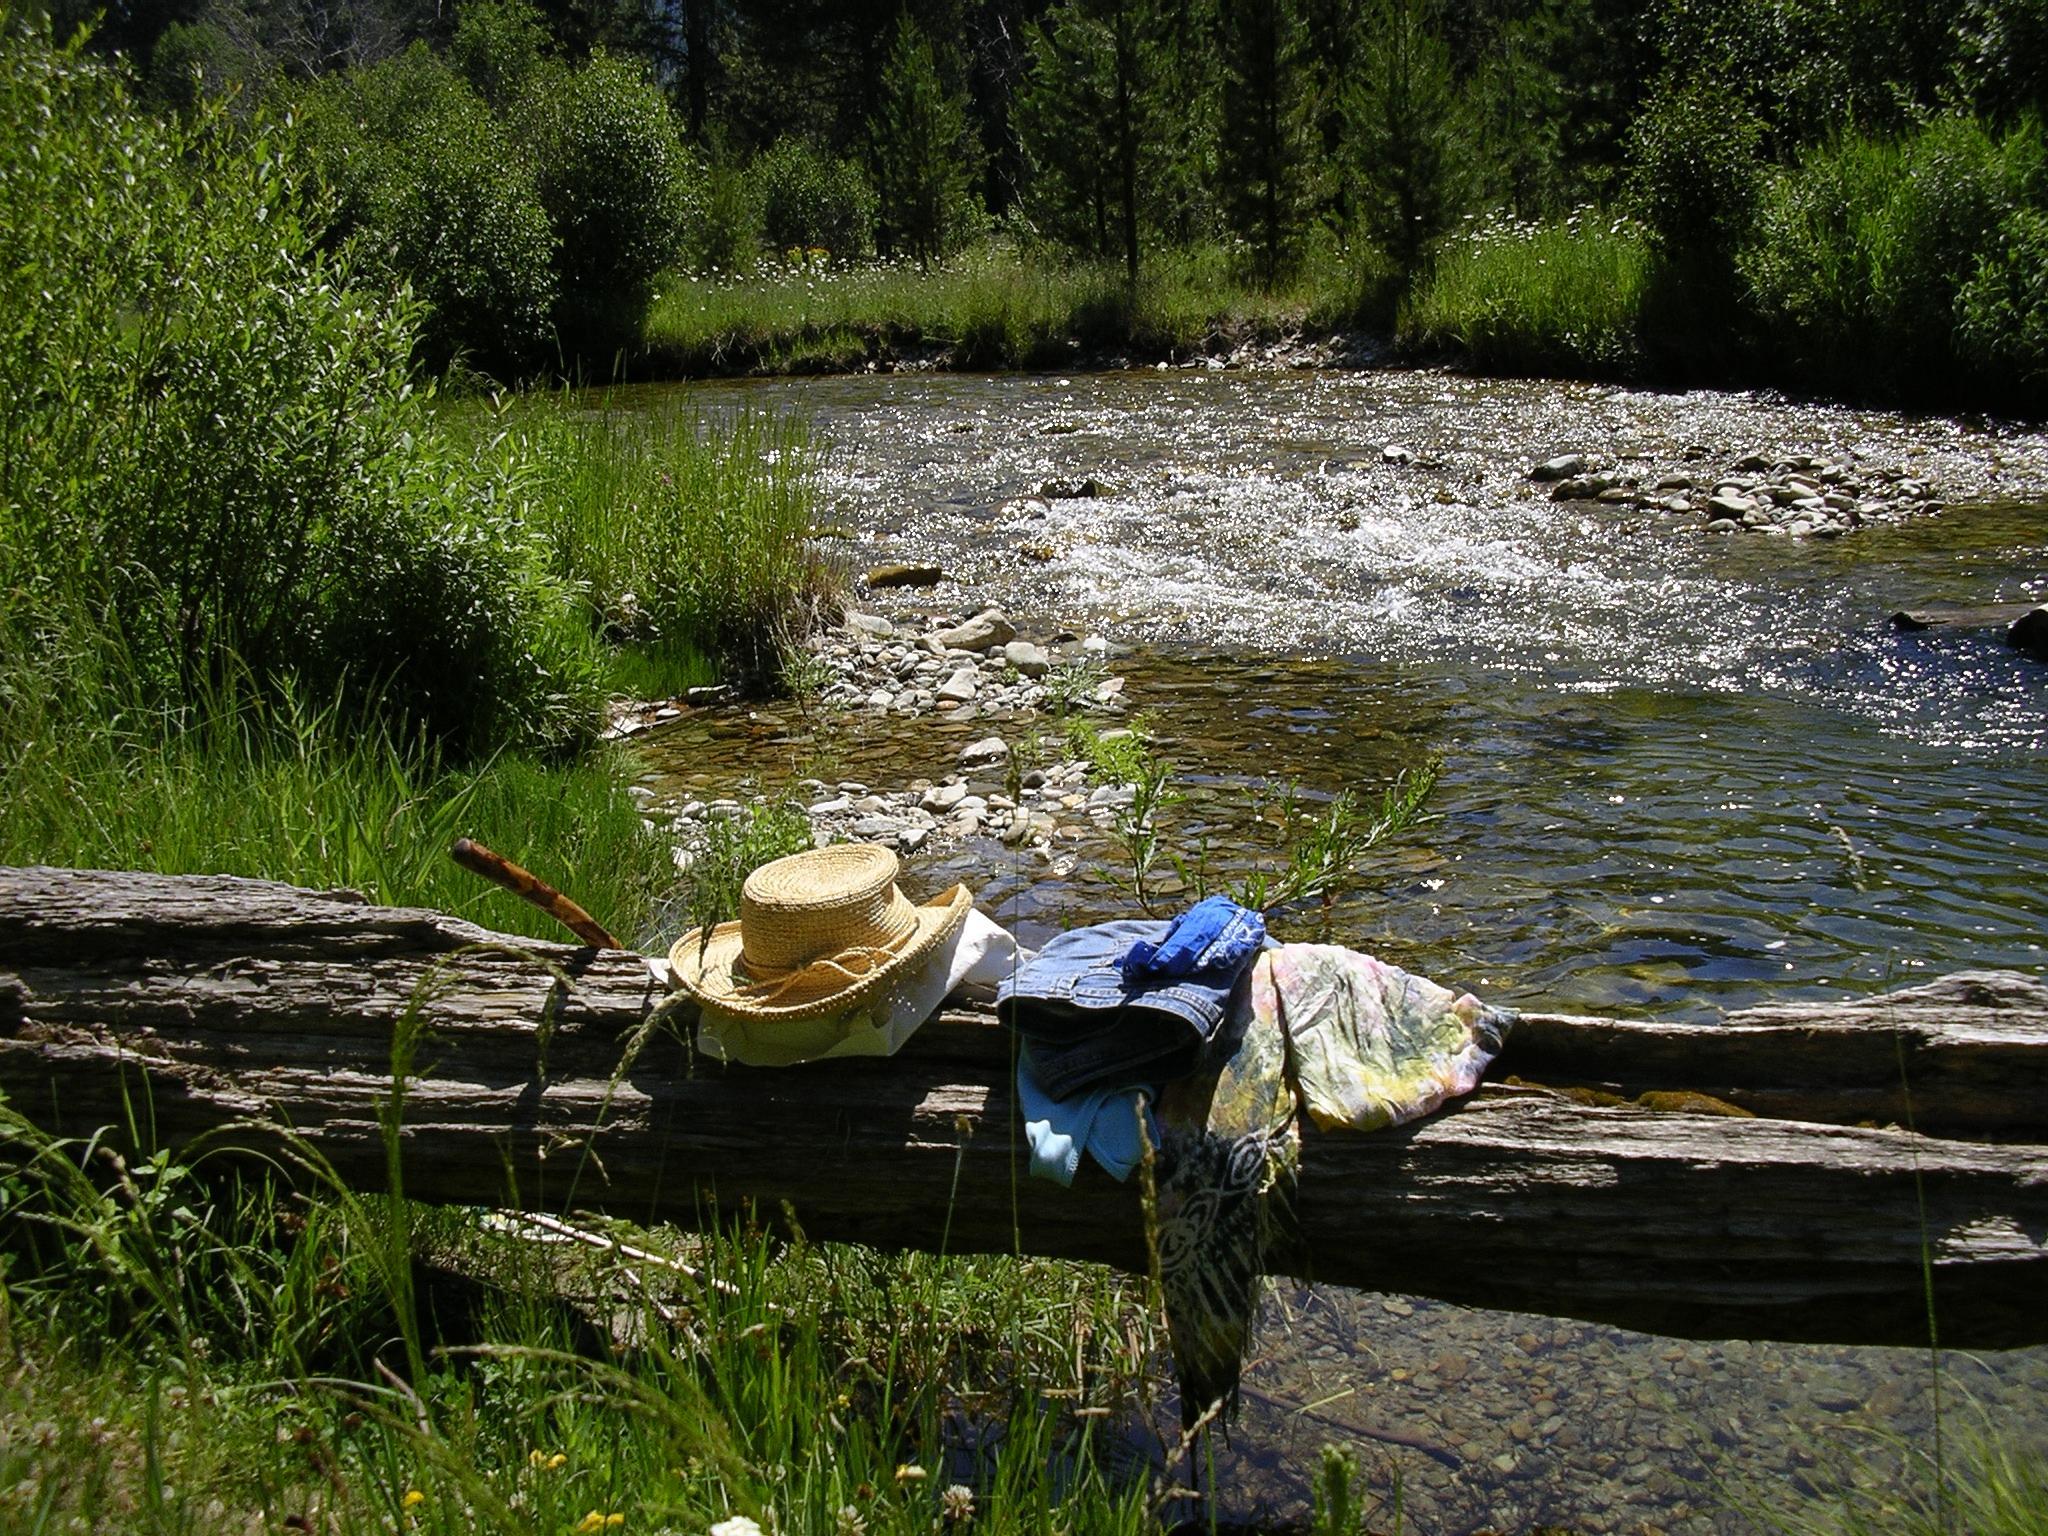 The Riverbank by deanna.polk